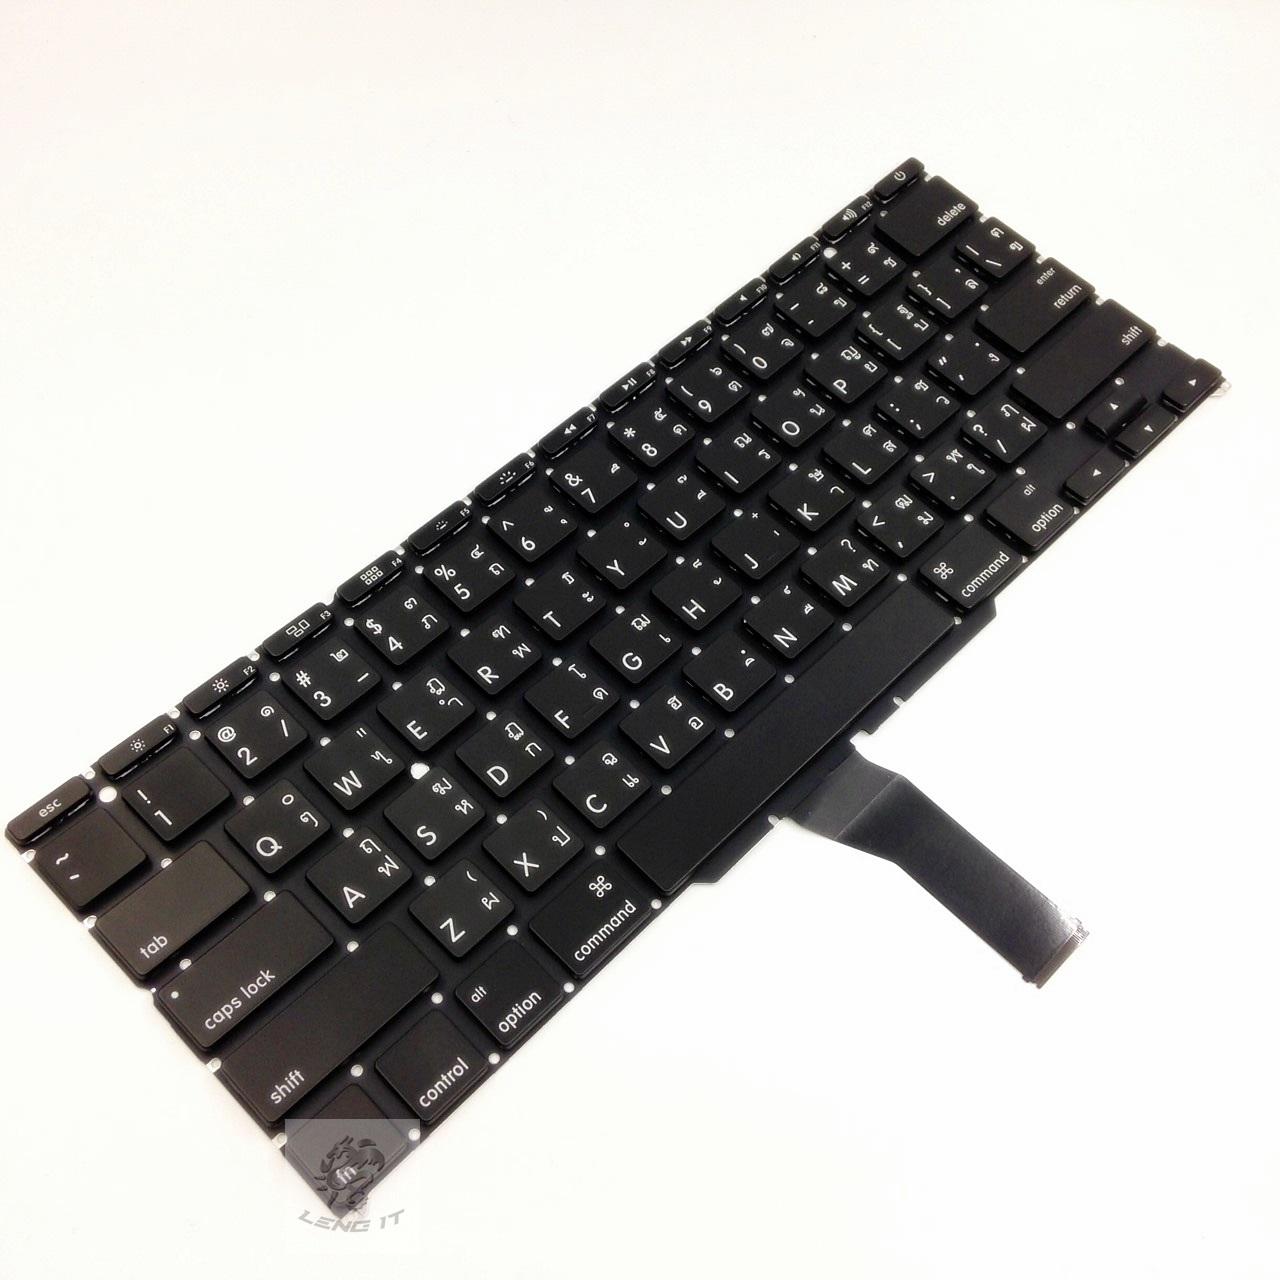 Keyboard Macbook A 1466